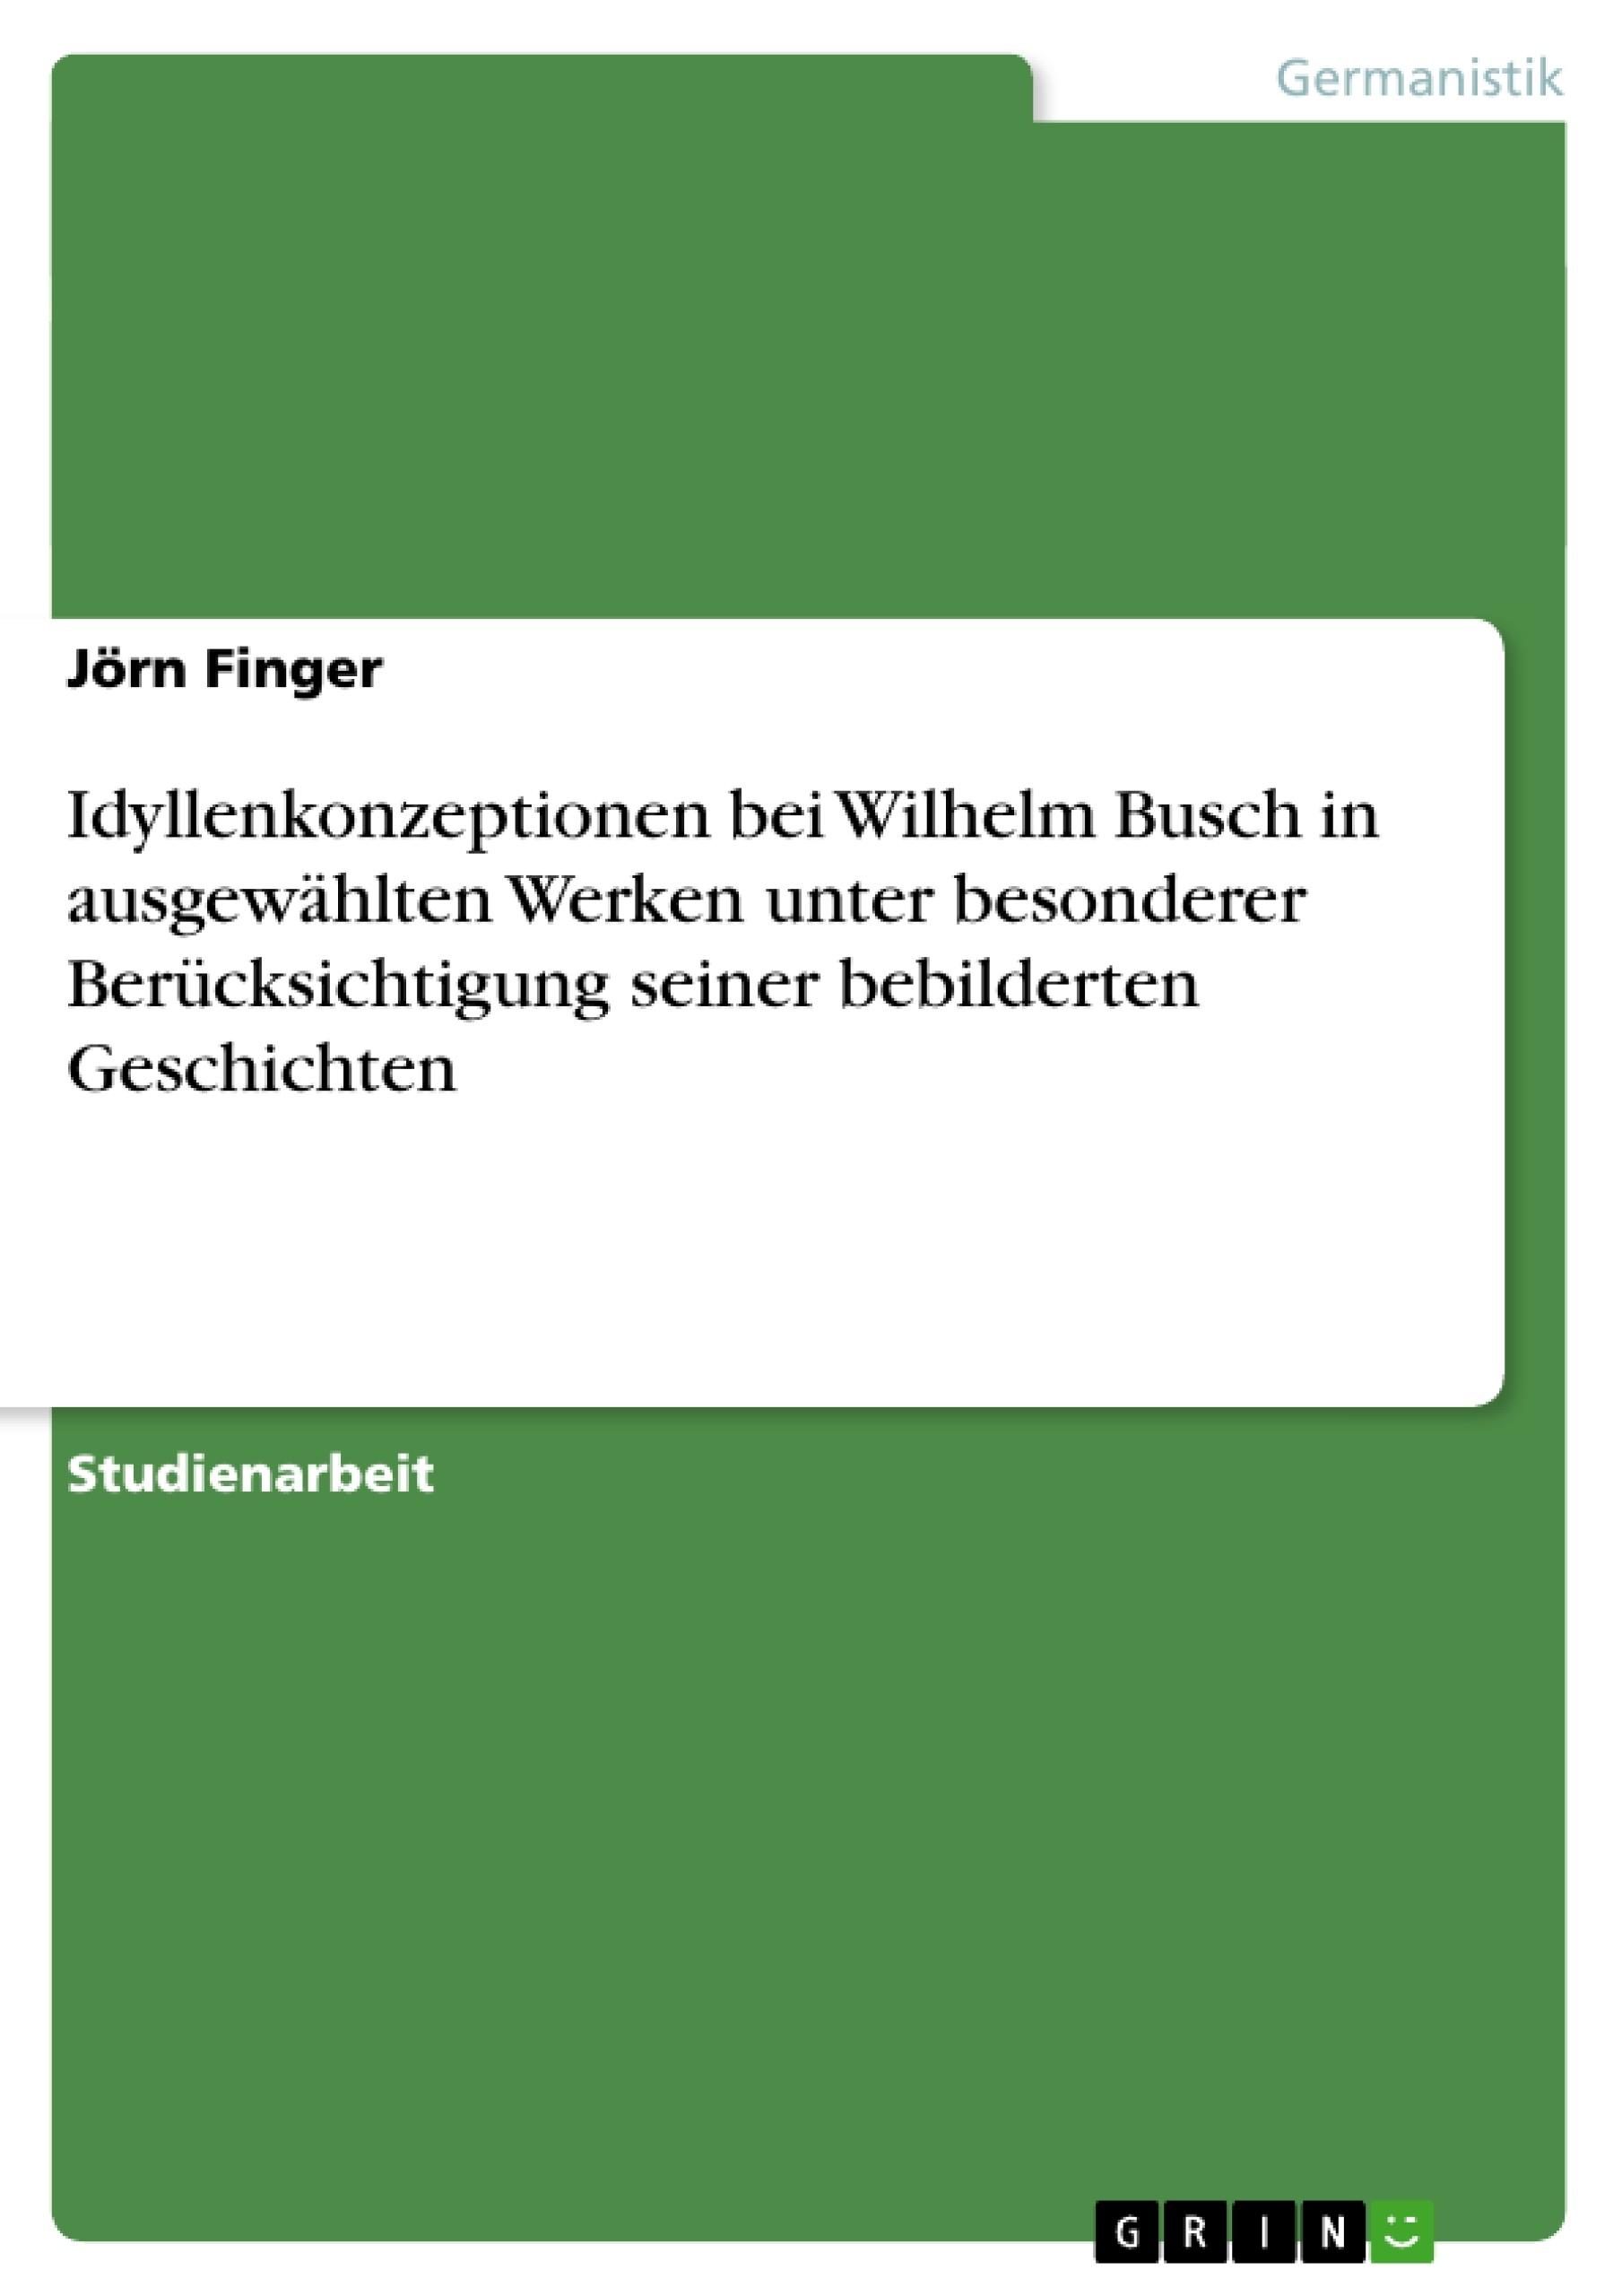 Titel: Idyllenkonzeptionen bei Wilhelm Busch in ausgewählten Werken unter besonderer Berücksichtigung seiner bebilderten Geschichten